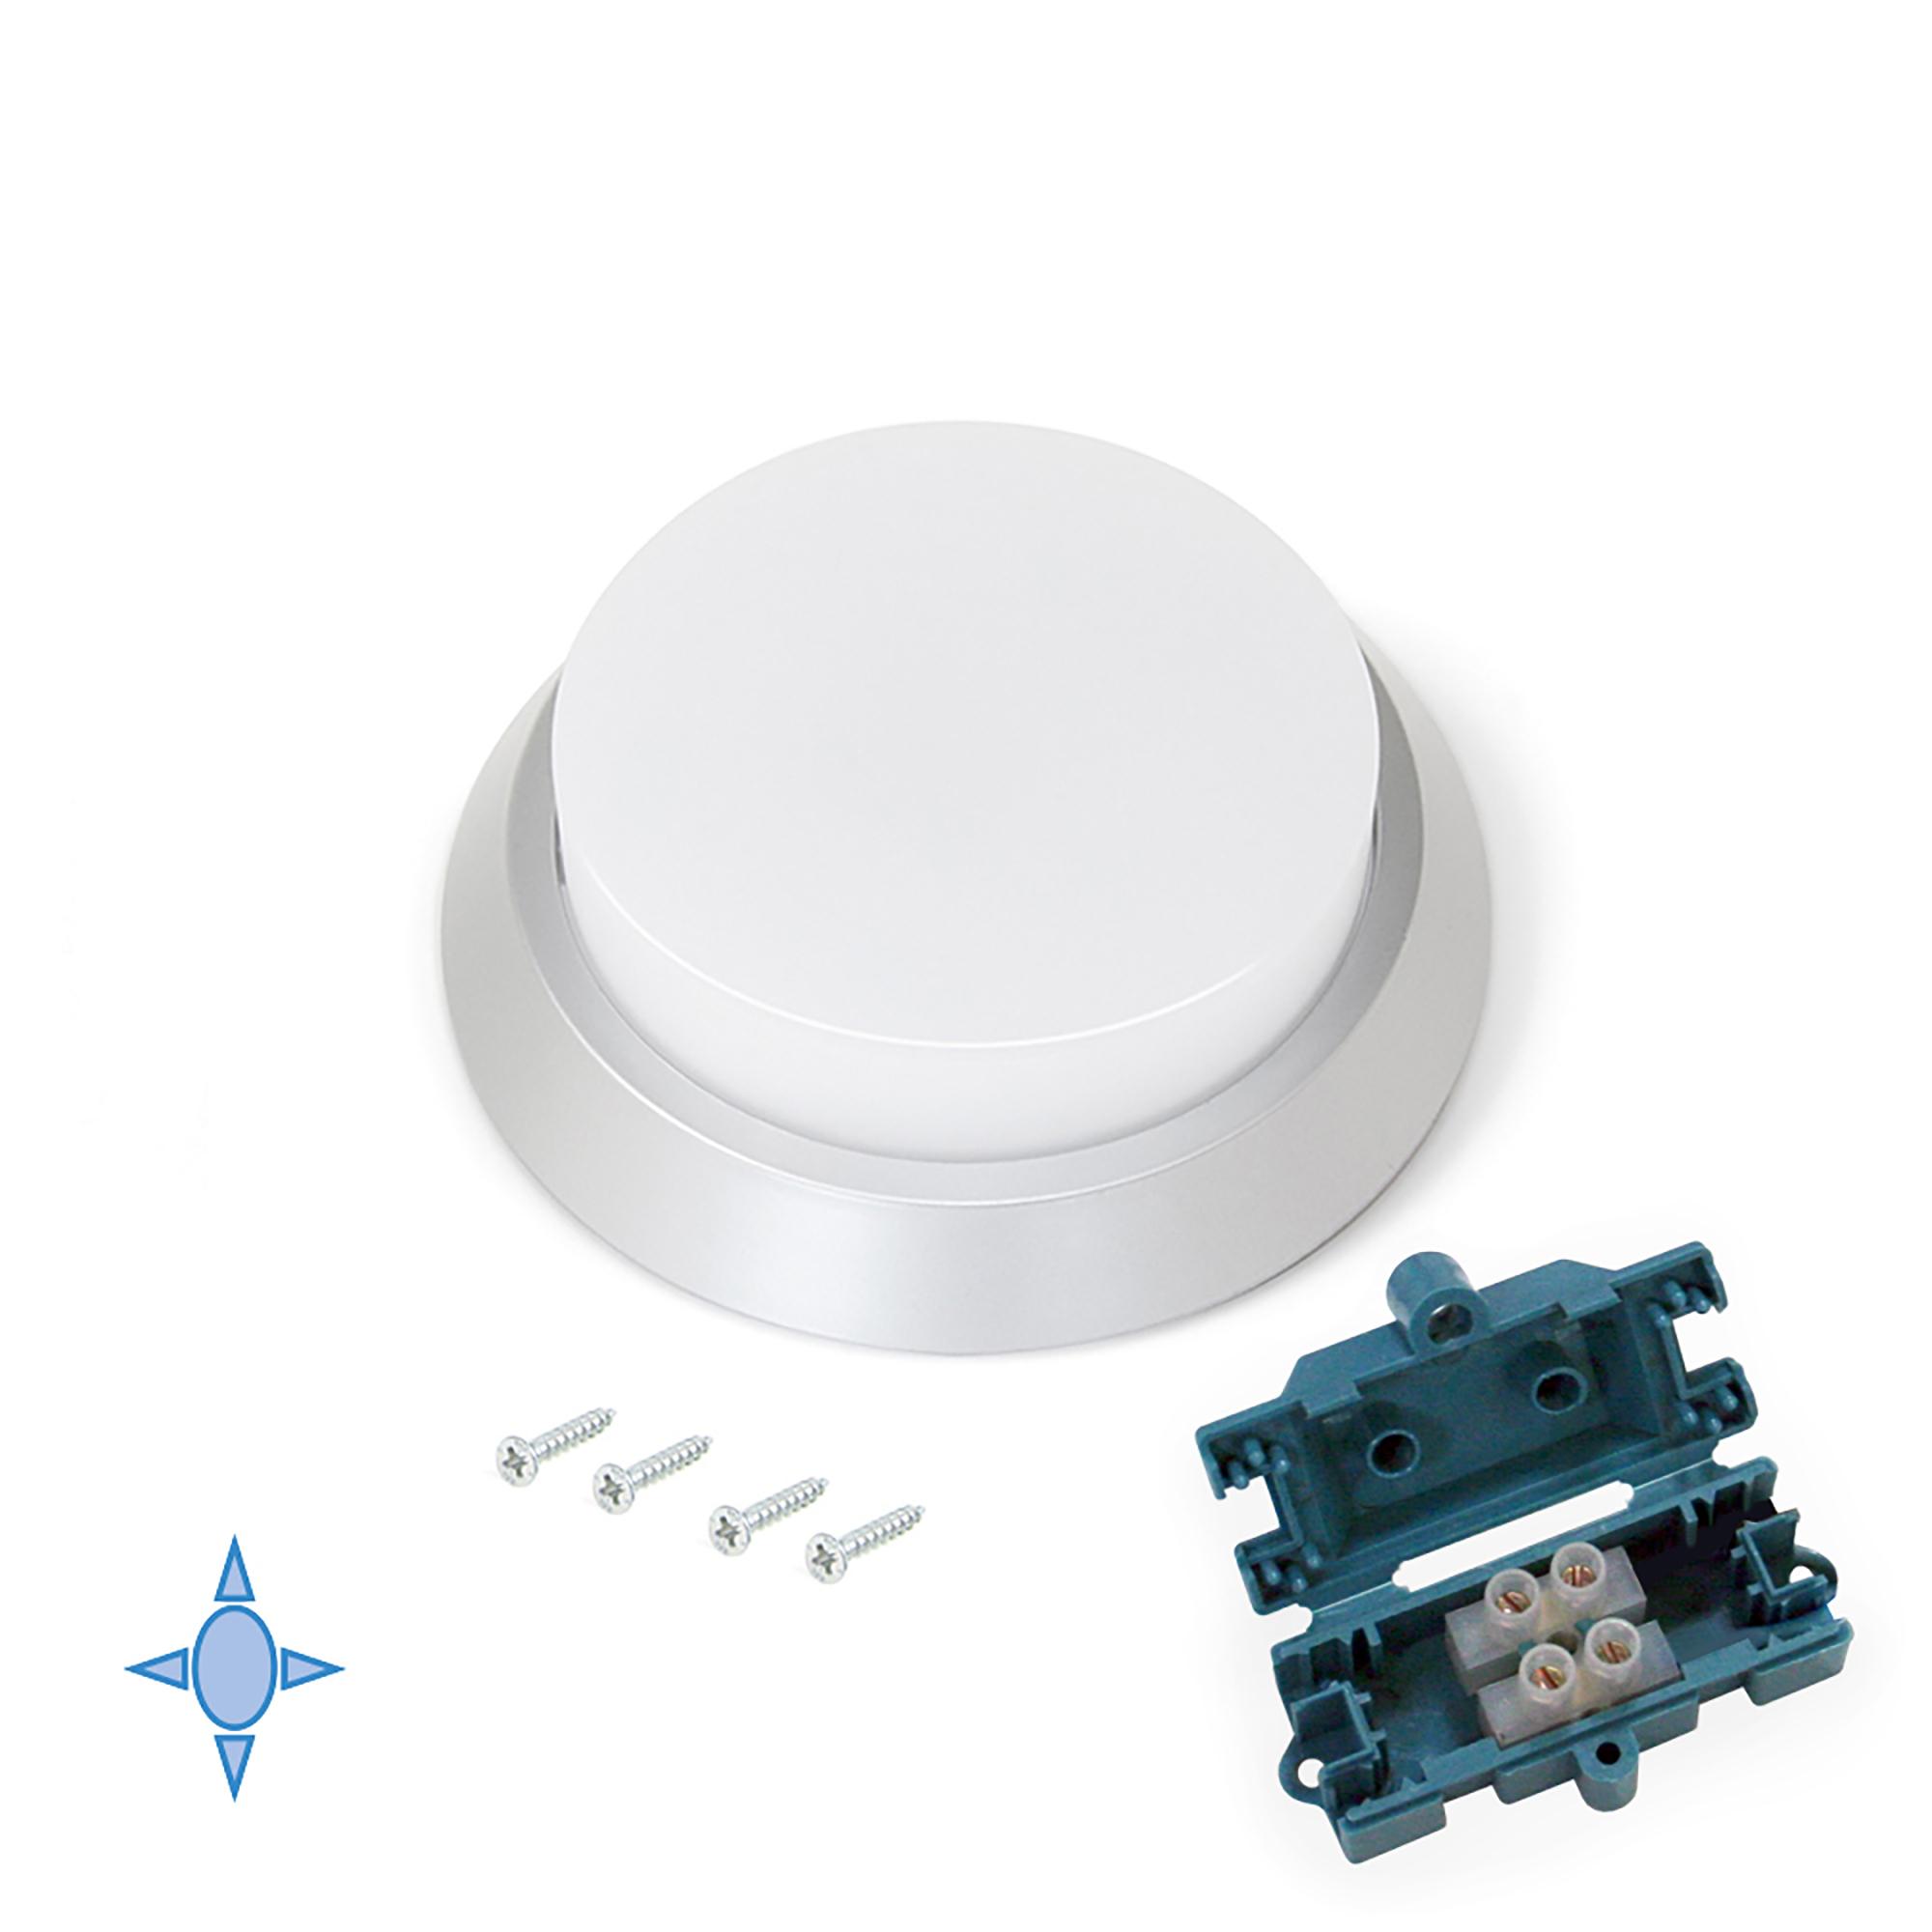 Emuca Faretto LED, D. 100 mm, di superficie, Luce bianca fredda, Plastica, Grigio metallizzato